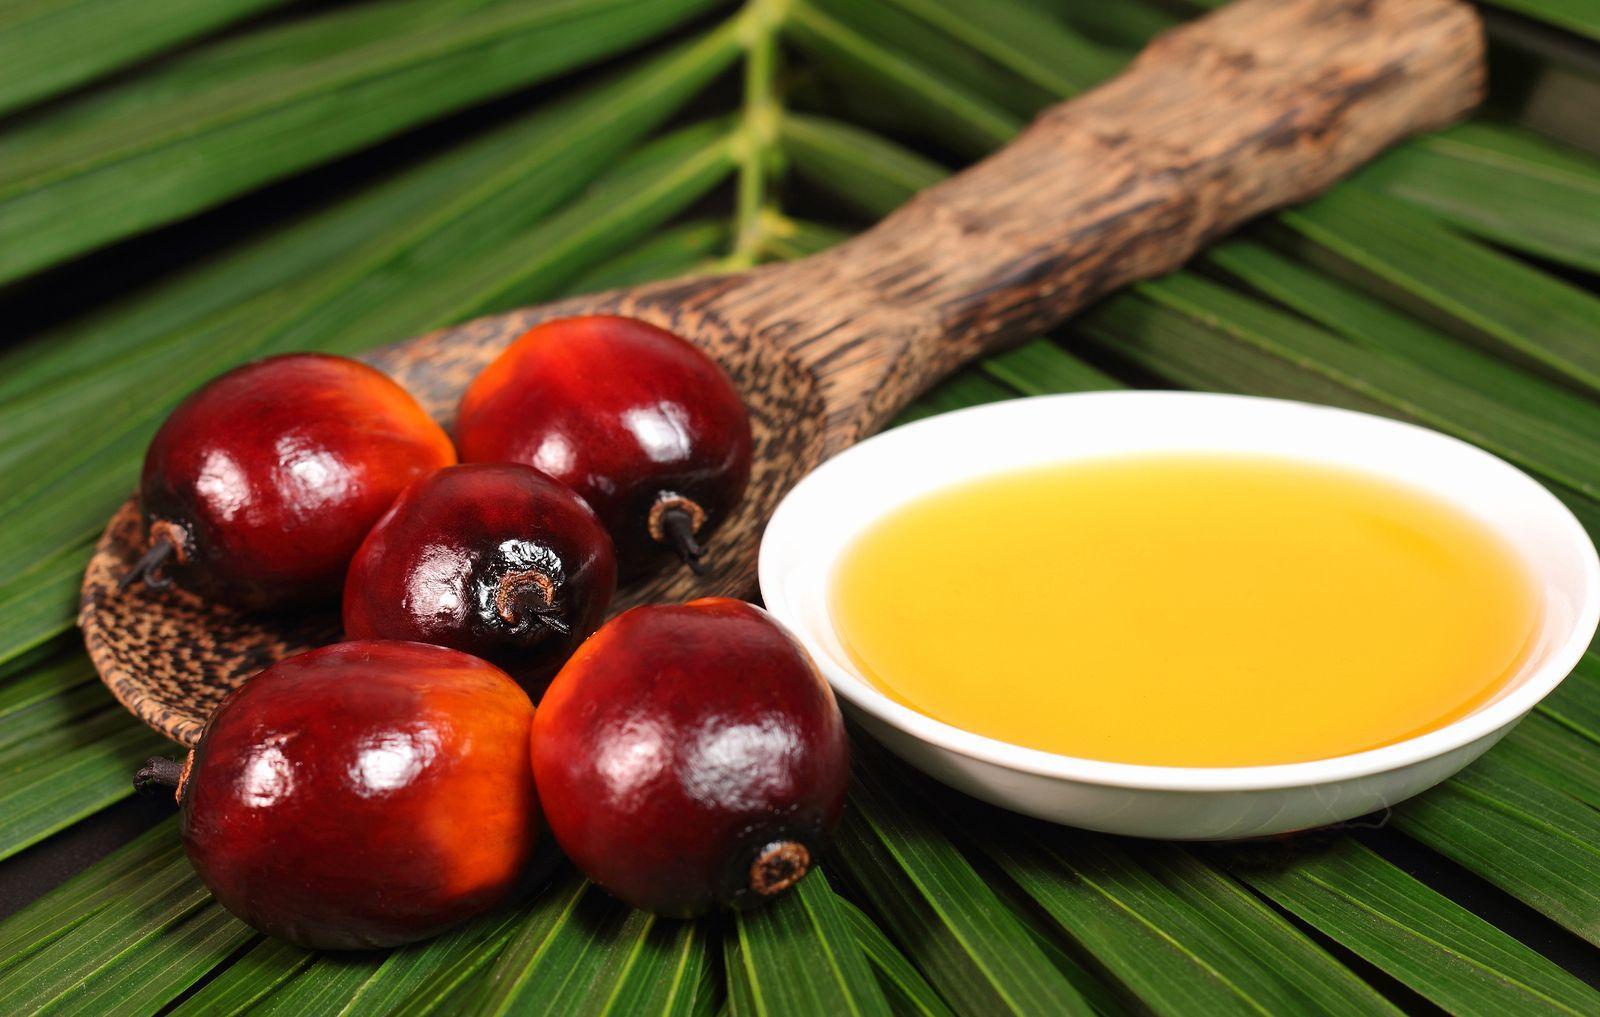 Olio di palma: dove si trova, perchè fa male e quali sono le alternative